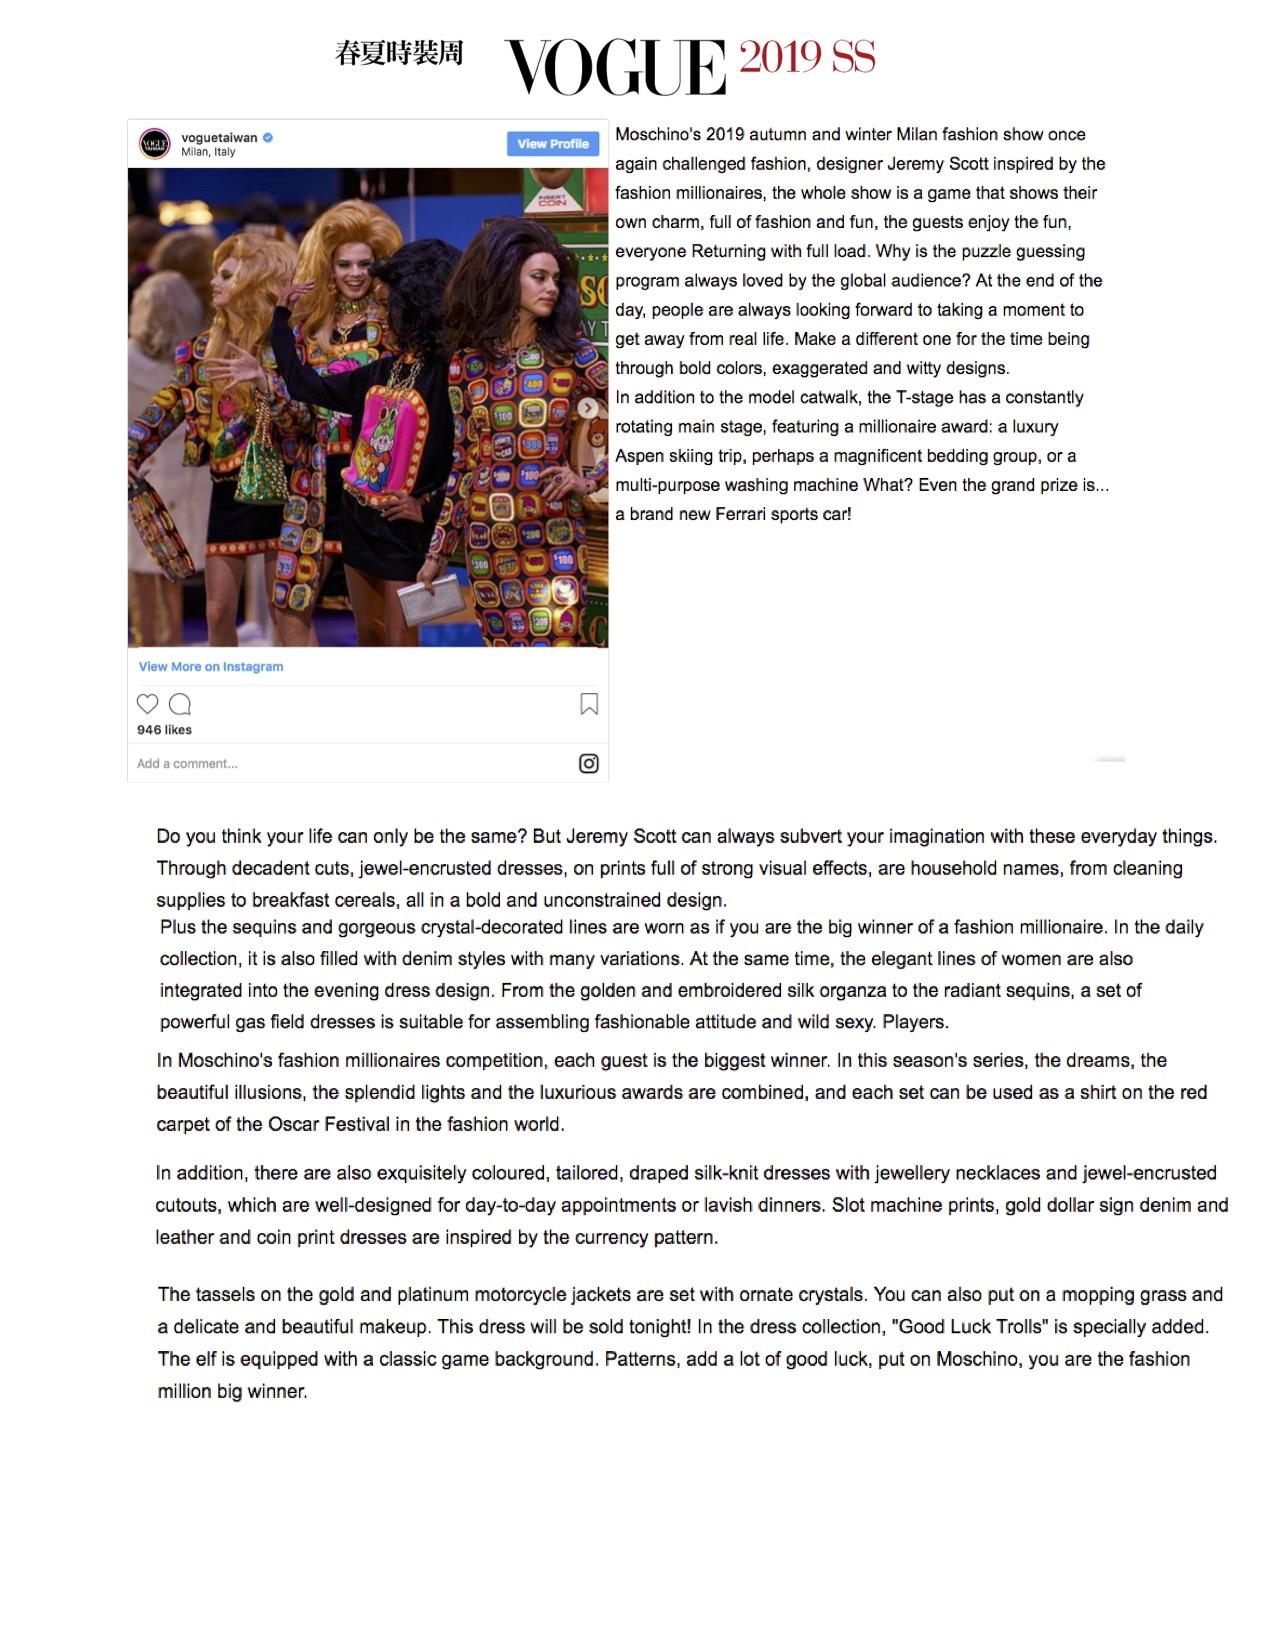 Vogue TW - Good Luck Trolls x Moschino.jpg